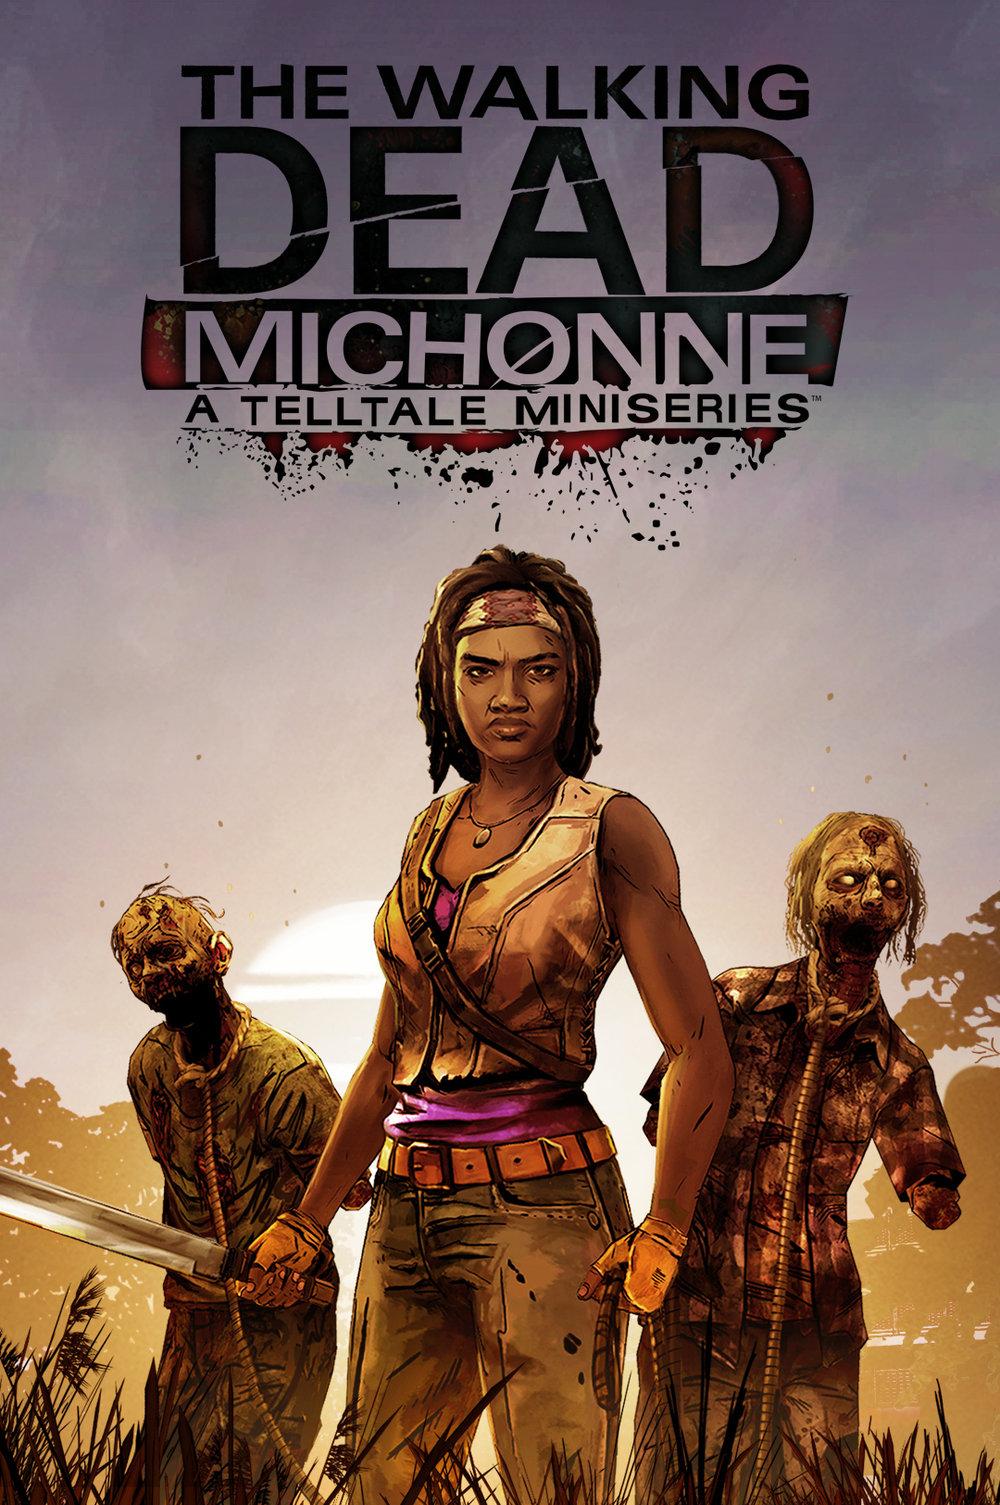 the-walking-dead-michonne-cover.jpg